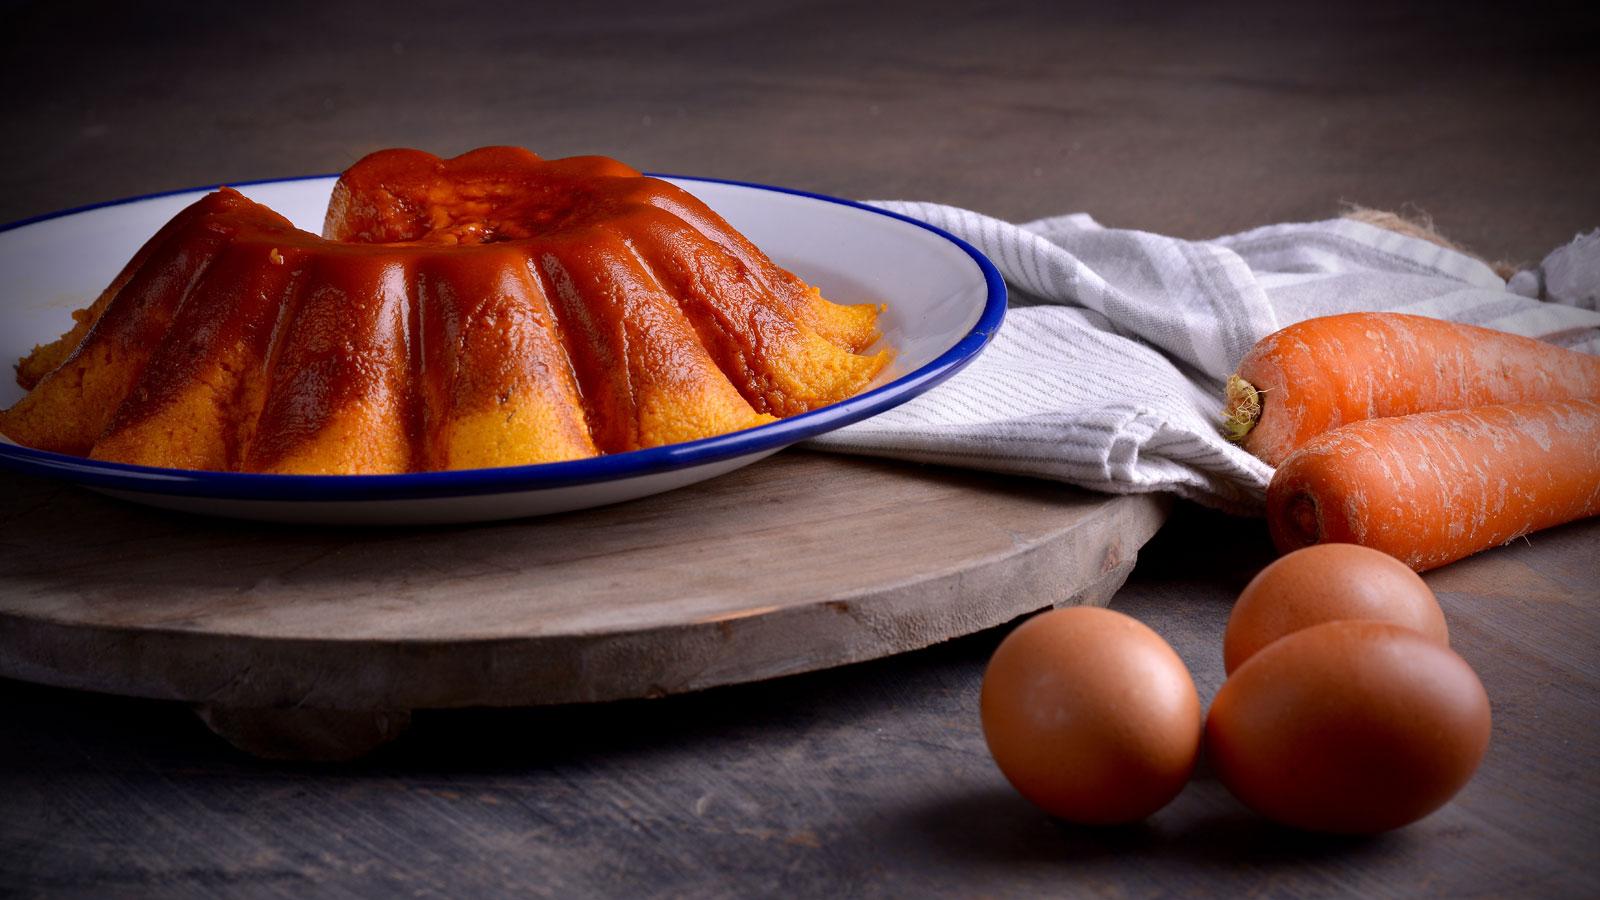 Flan de zanahoria hermana mar a jos receta canal cocina - Divinos pucheros maria jose ...